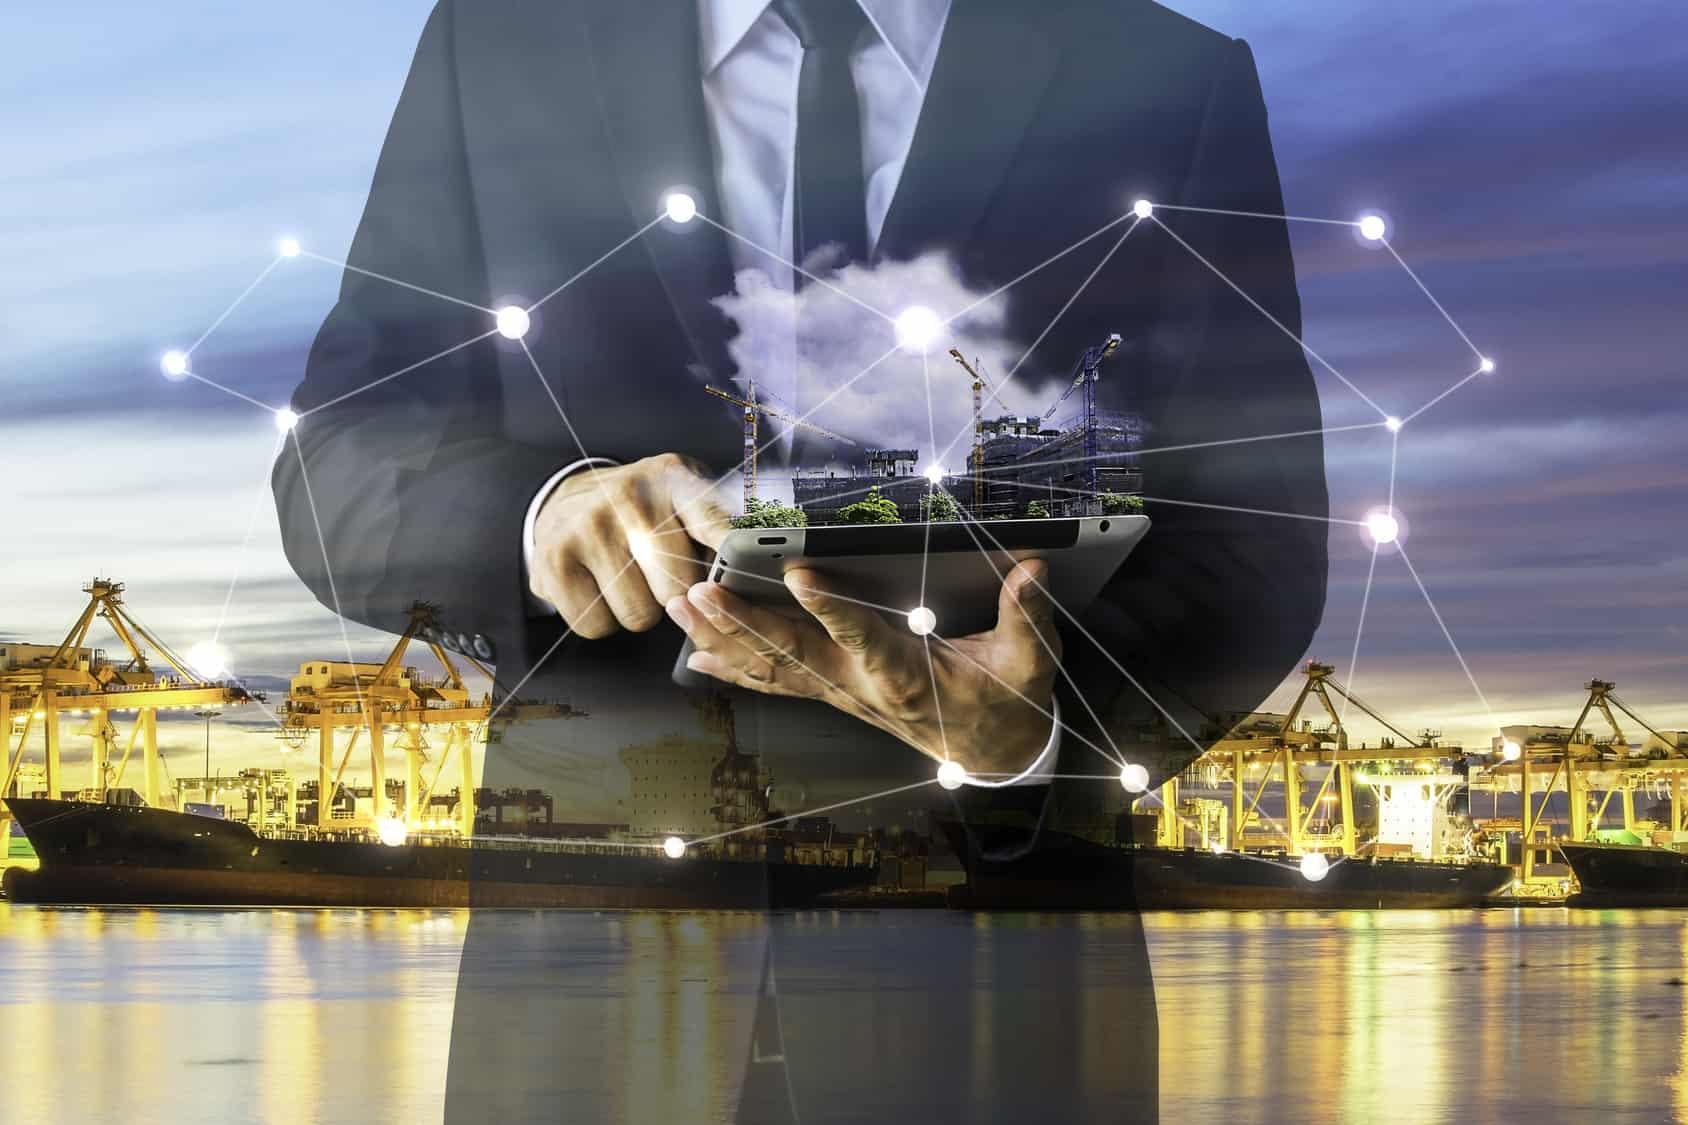 La generación de métricas sobre el desarrollo de gobierno electrónico (e-gobierno) se ha convertido en una labor cada vez más recurrente, para monitorear la evolución de los beneficios y necesidades del ciudadano electrónico (e-ciudadano).